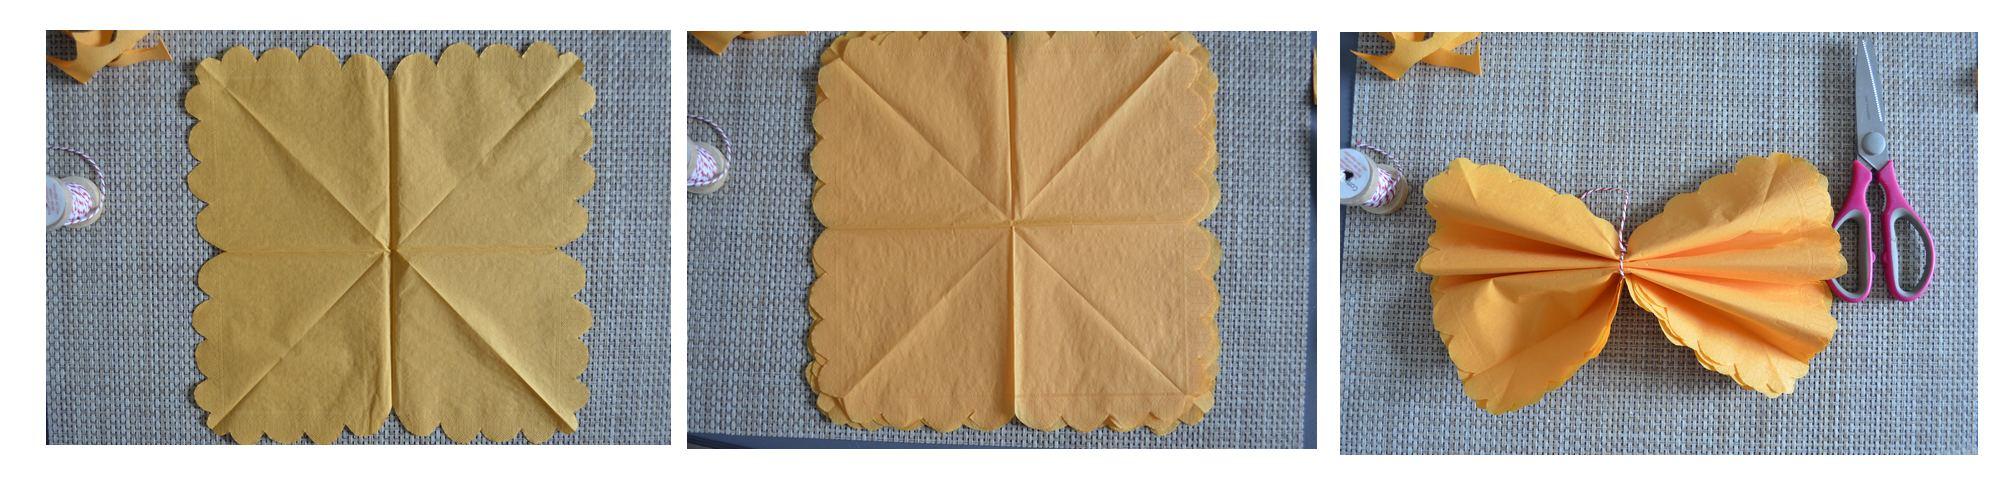 diy pompon avec des serviettes en papier quand julie patisse. Black Bedroom Furniture Sets. Home Design Ideas